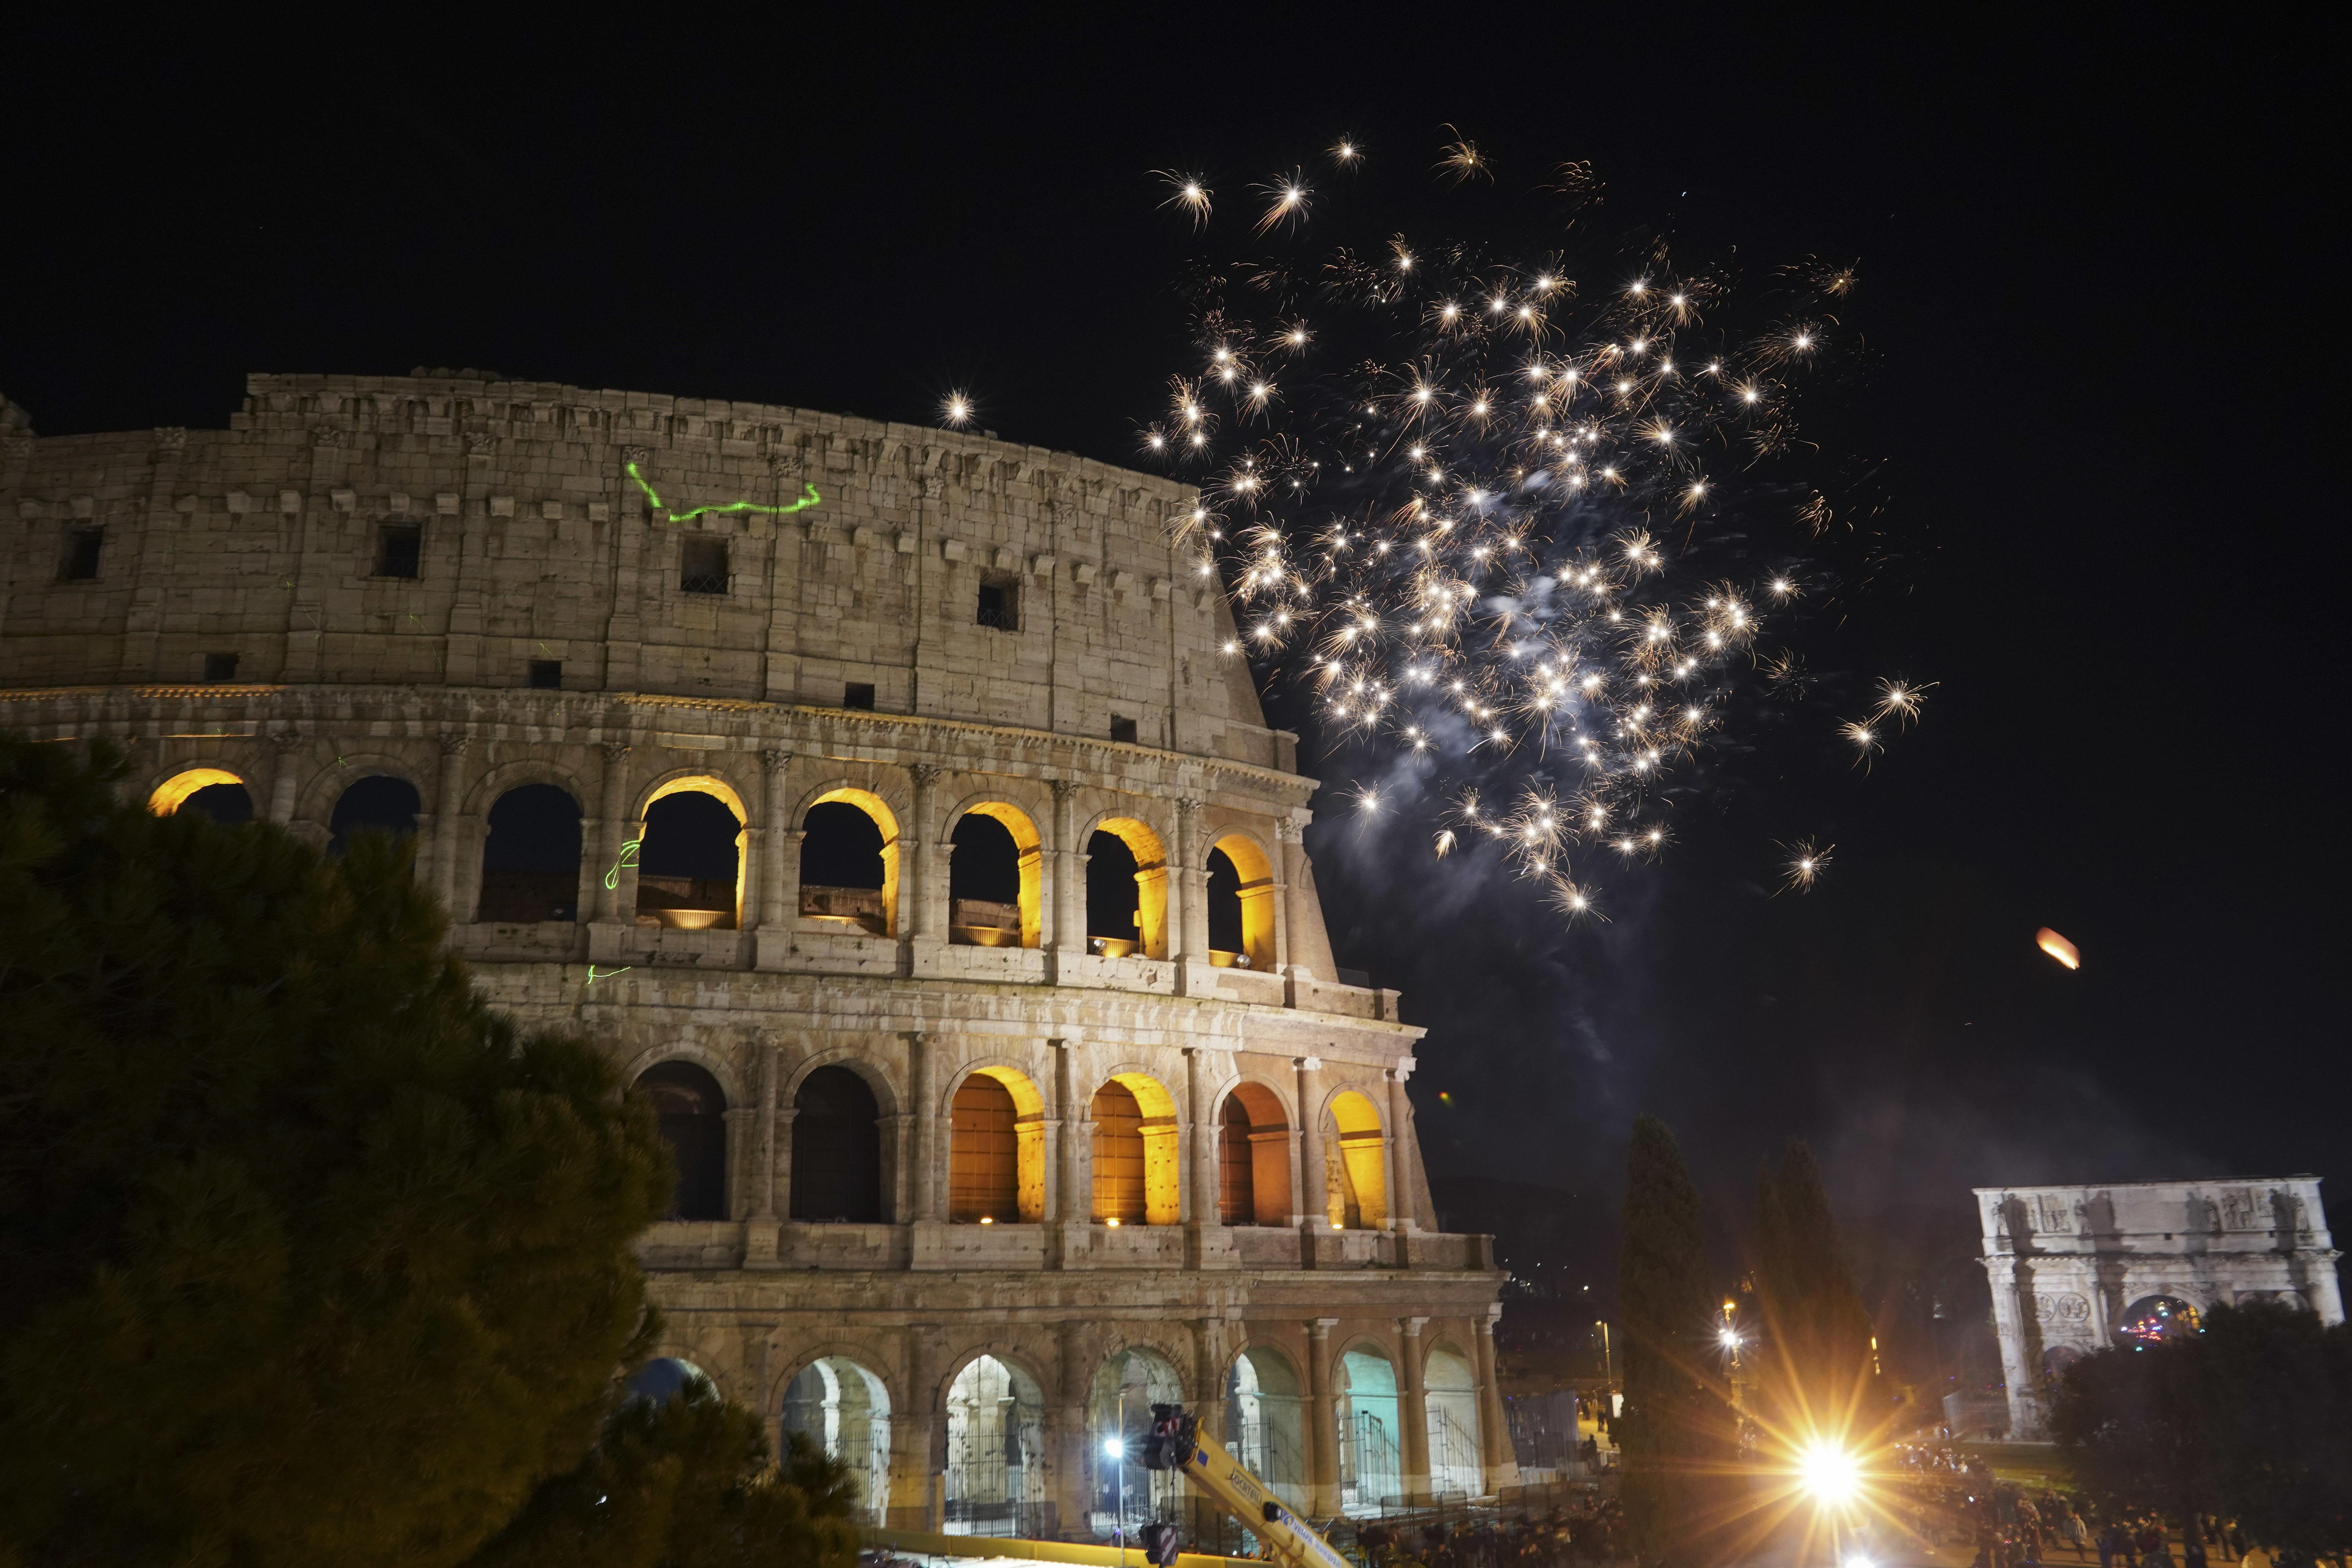 Fuegos artificiales iluminan el cielo sobre el Coliseo en los festejos por el Año Nuevo, en Roma. (AP Foto/Andrew Medichini)